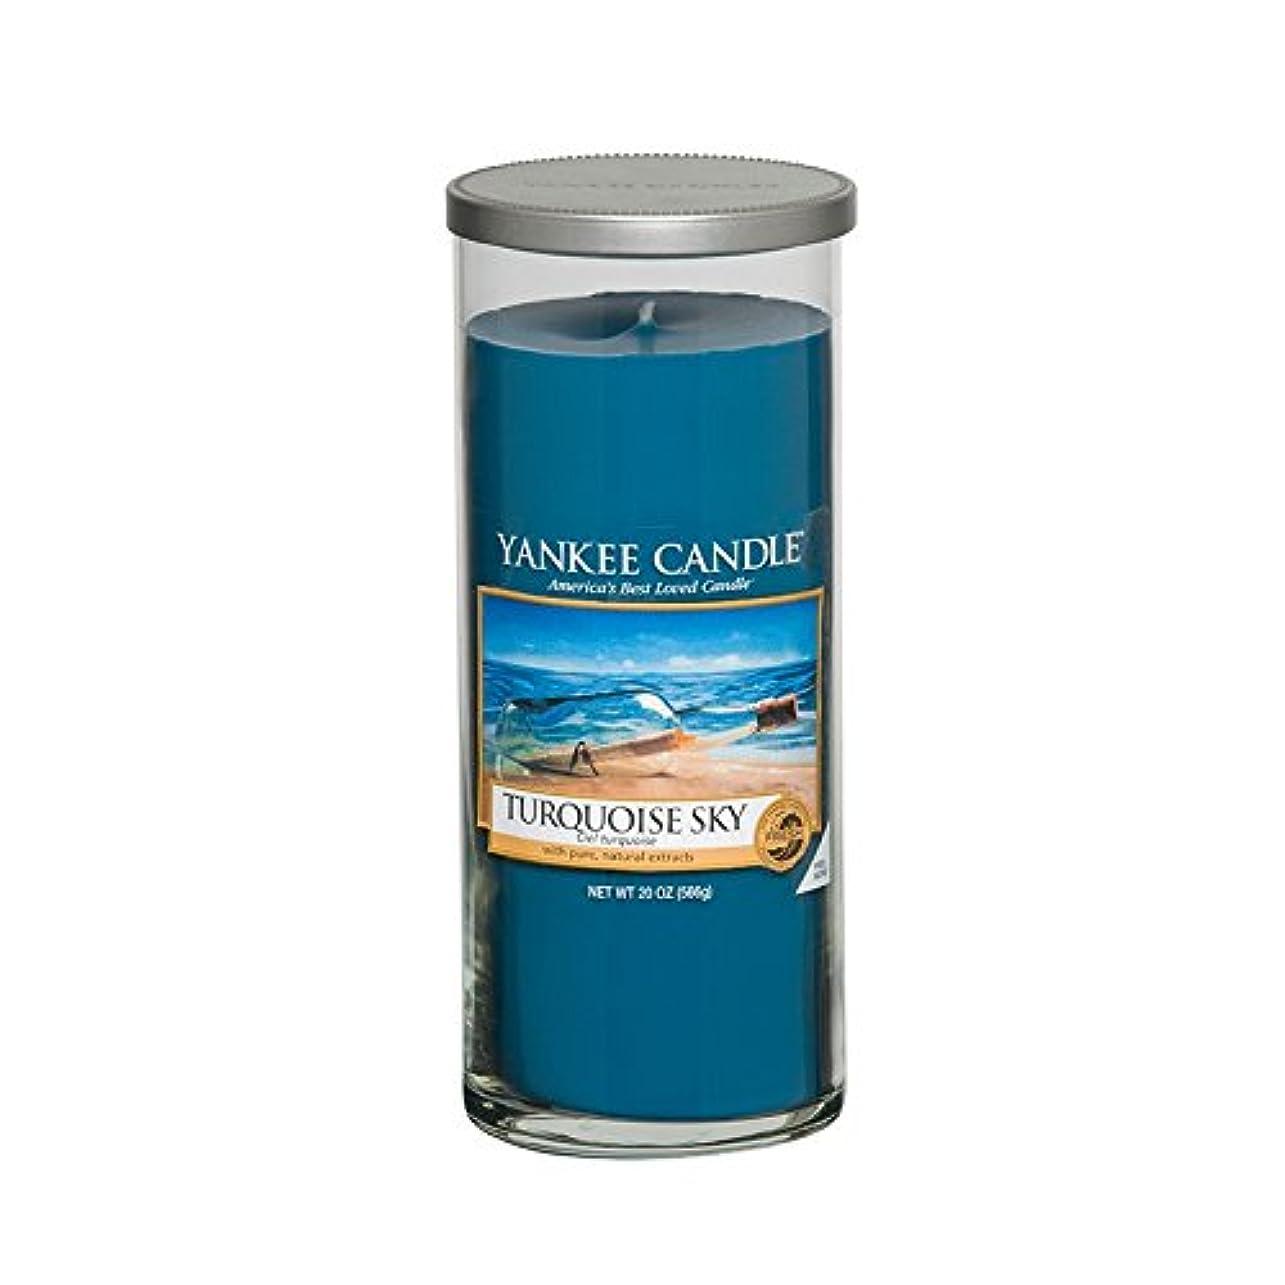 アクチュエータ抵抗する支給ヤンキーキャンドル大きな柱キャンドル - ターコイズの空 - Yankee Candles Large Pillar Candle - Turquoise Sky (Yankee Candles) [並行輸入品]